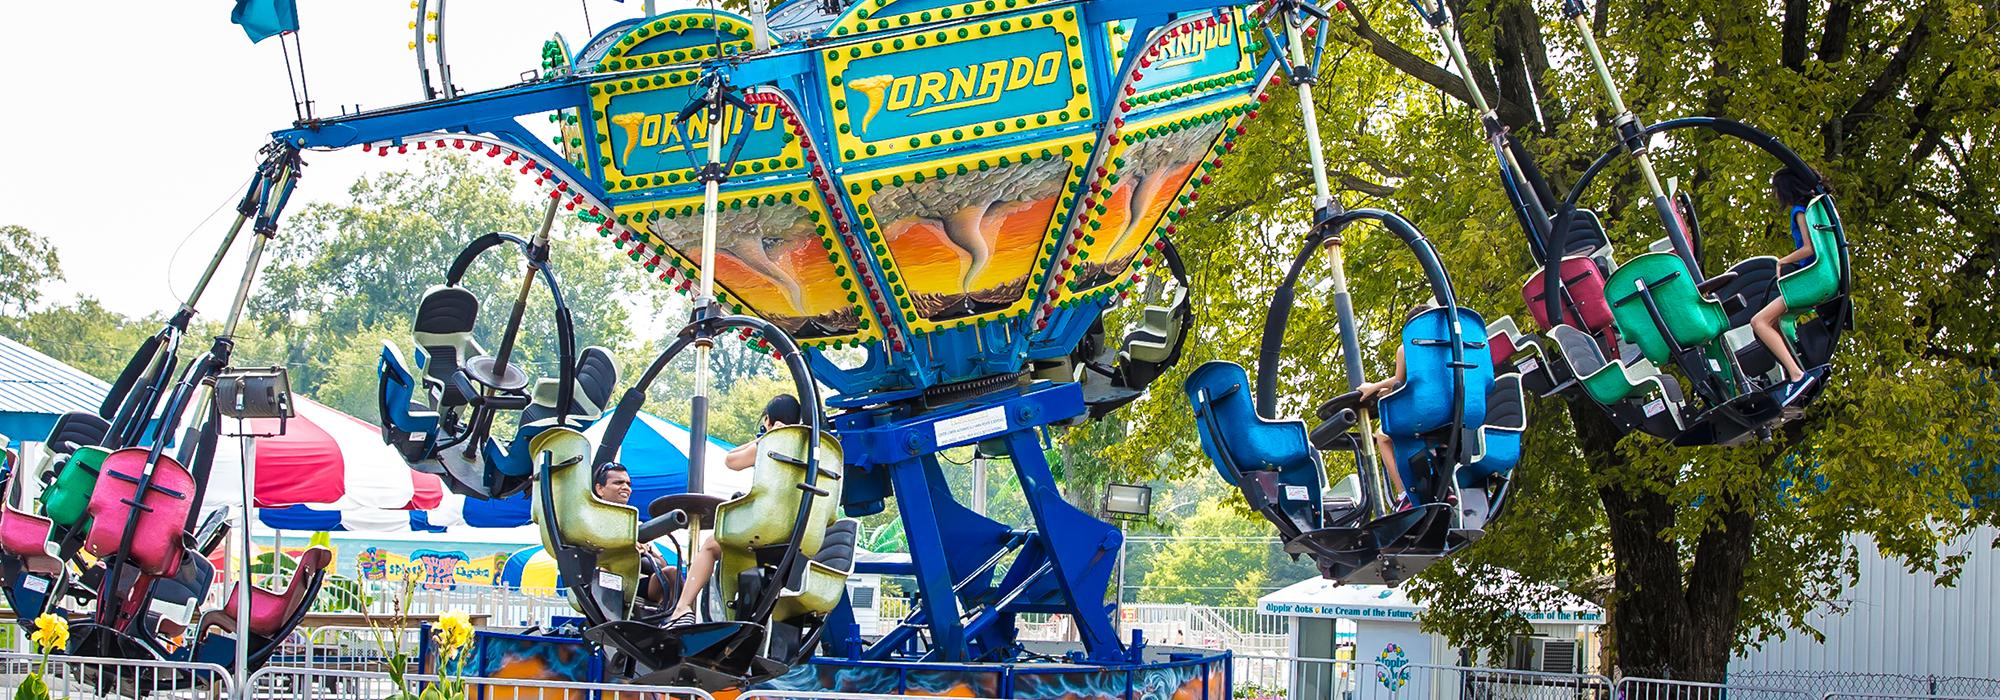 Tornado | Beech Bend Amusement Park - Bowling Green, KY